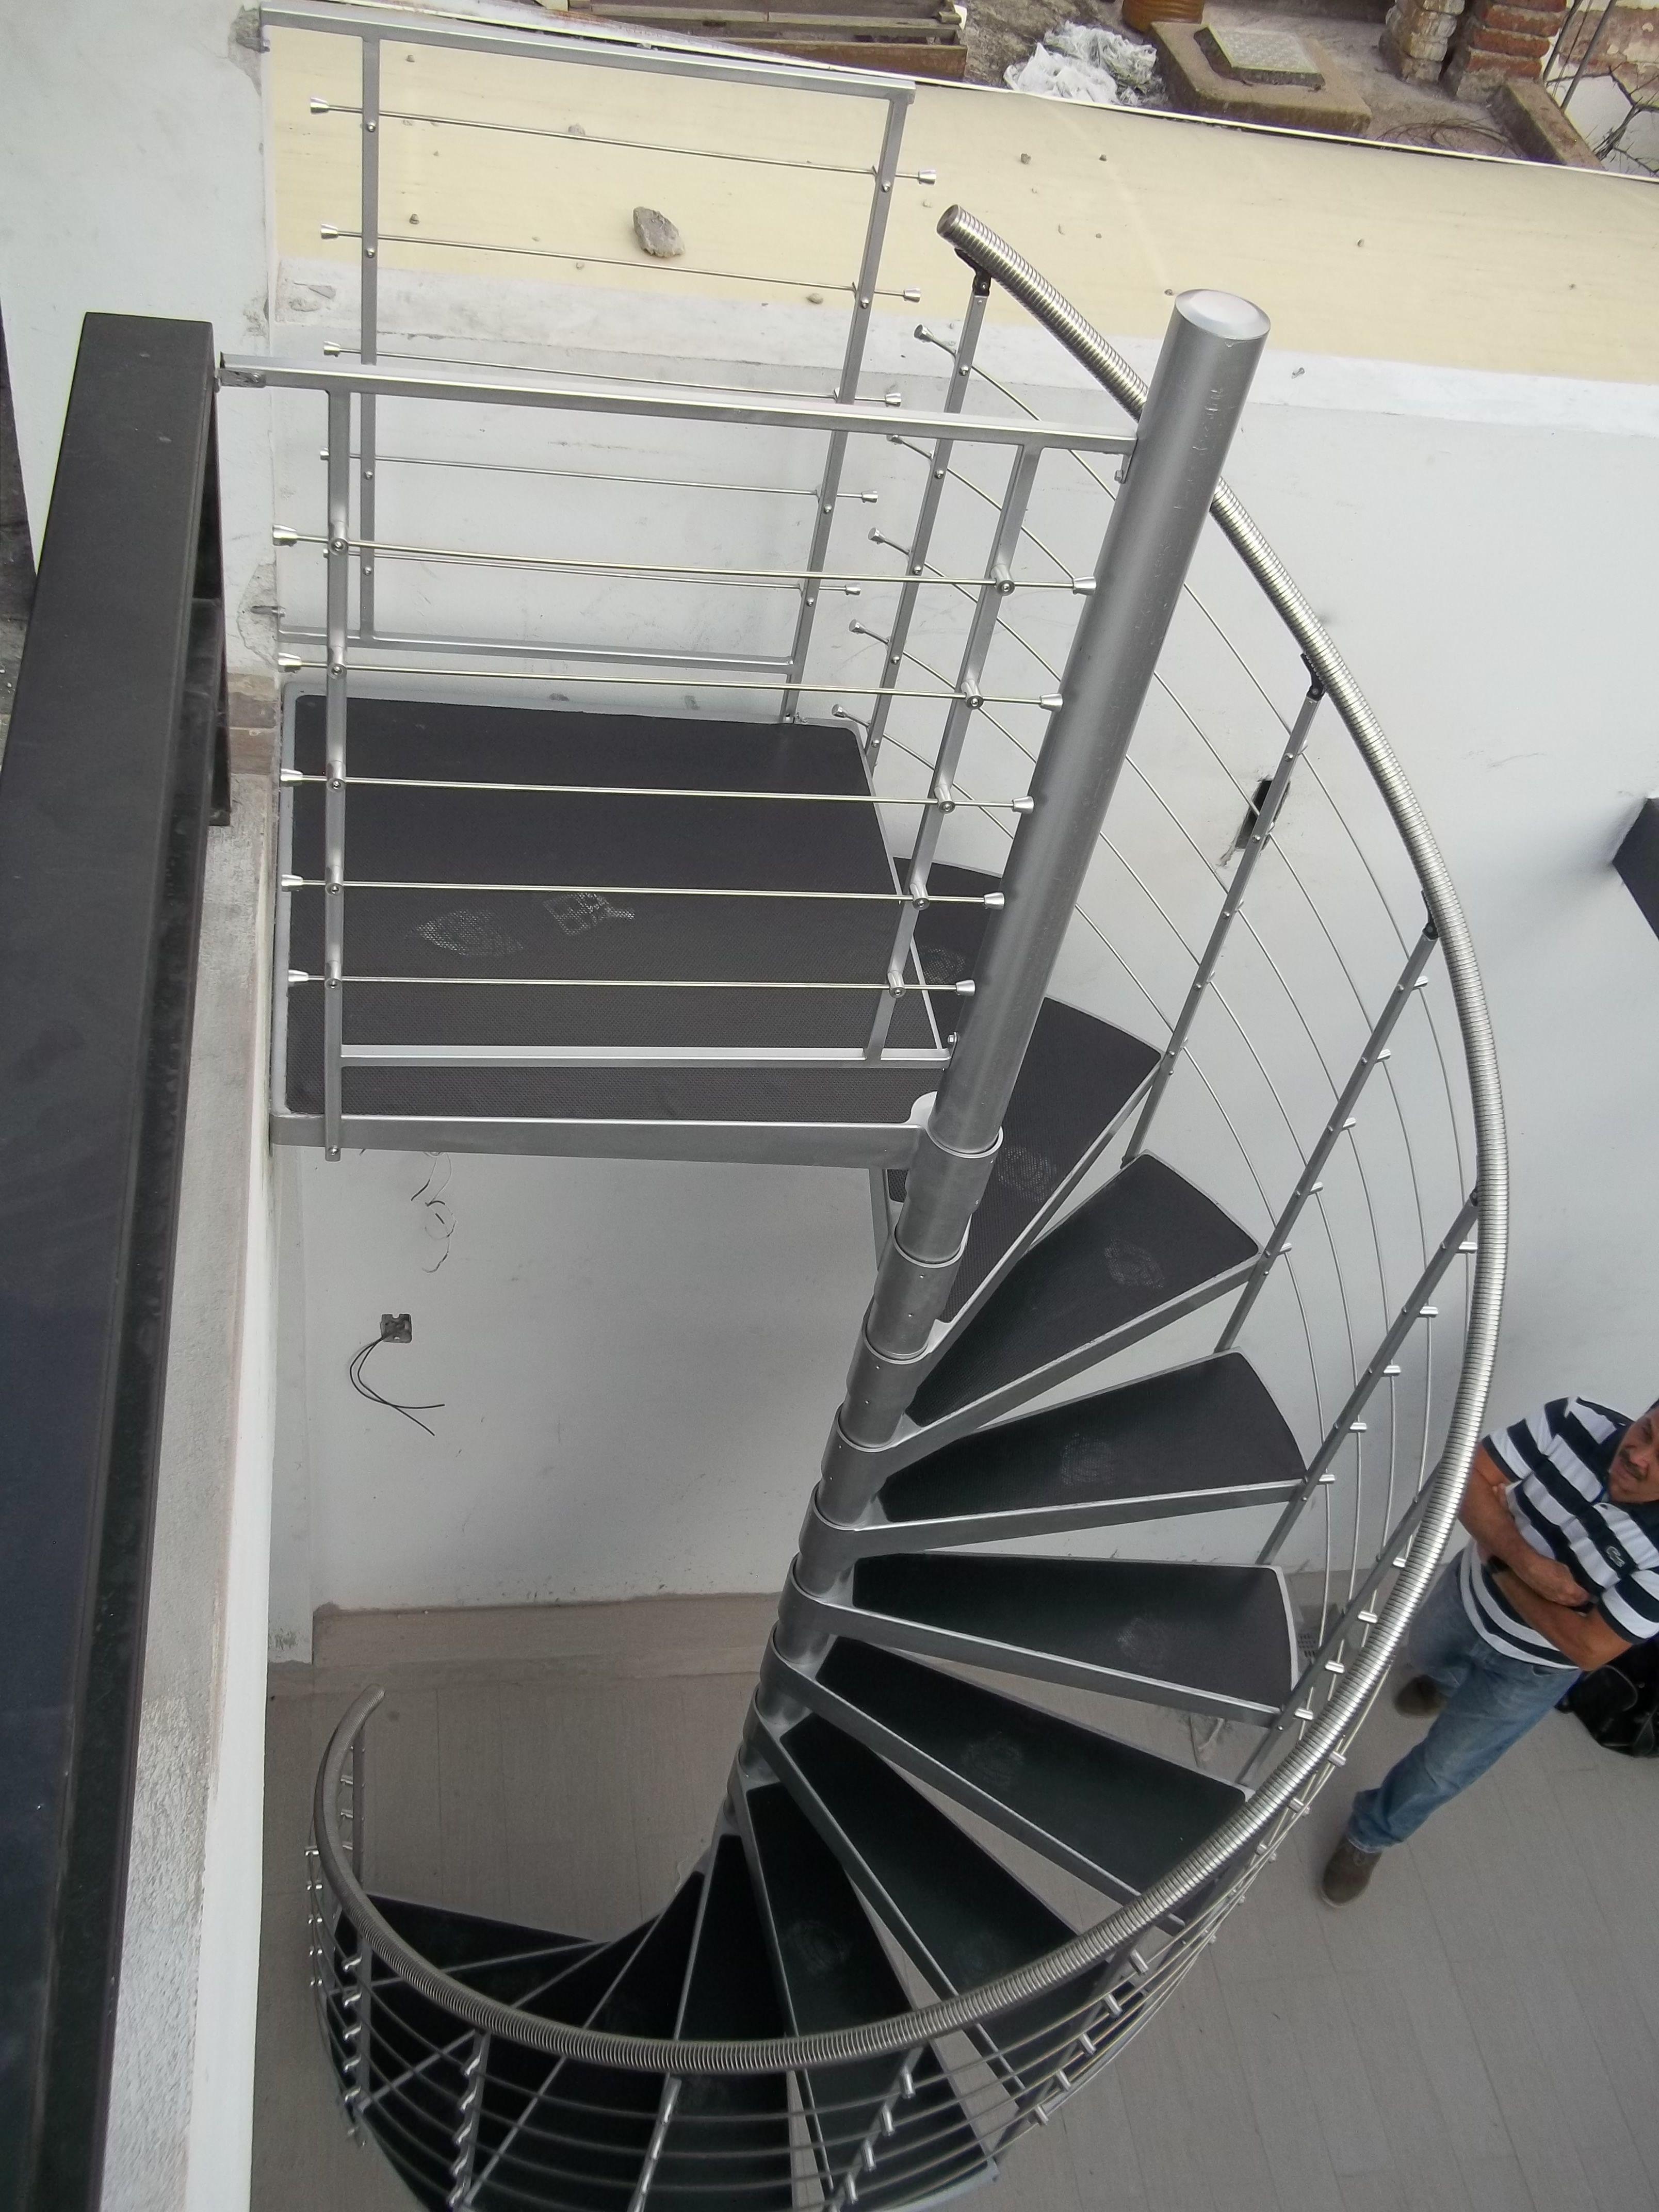 Escalera De Caracol Metálica Para Exterior Con Accesorios De Acero Inoxidable Y Huellas En Diseño De Escalera Barandales De Acero Inoxidable Escaleras Modernas